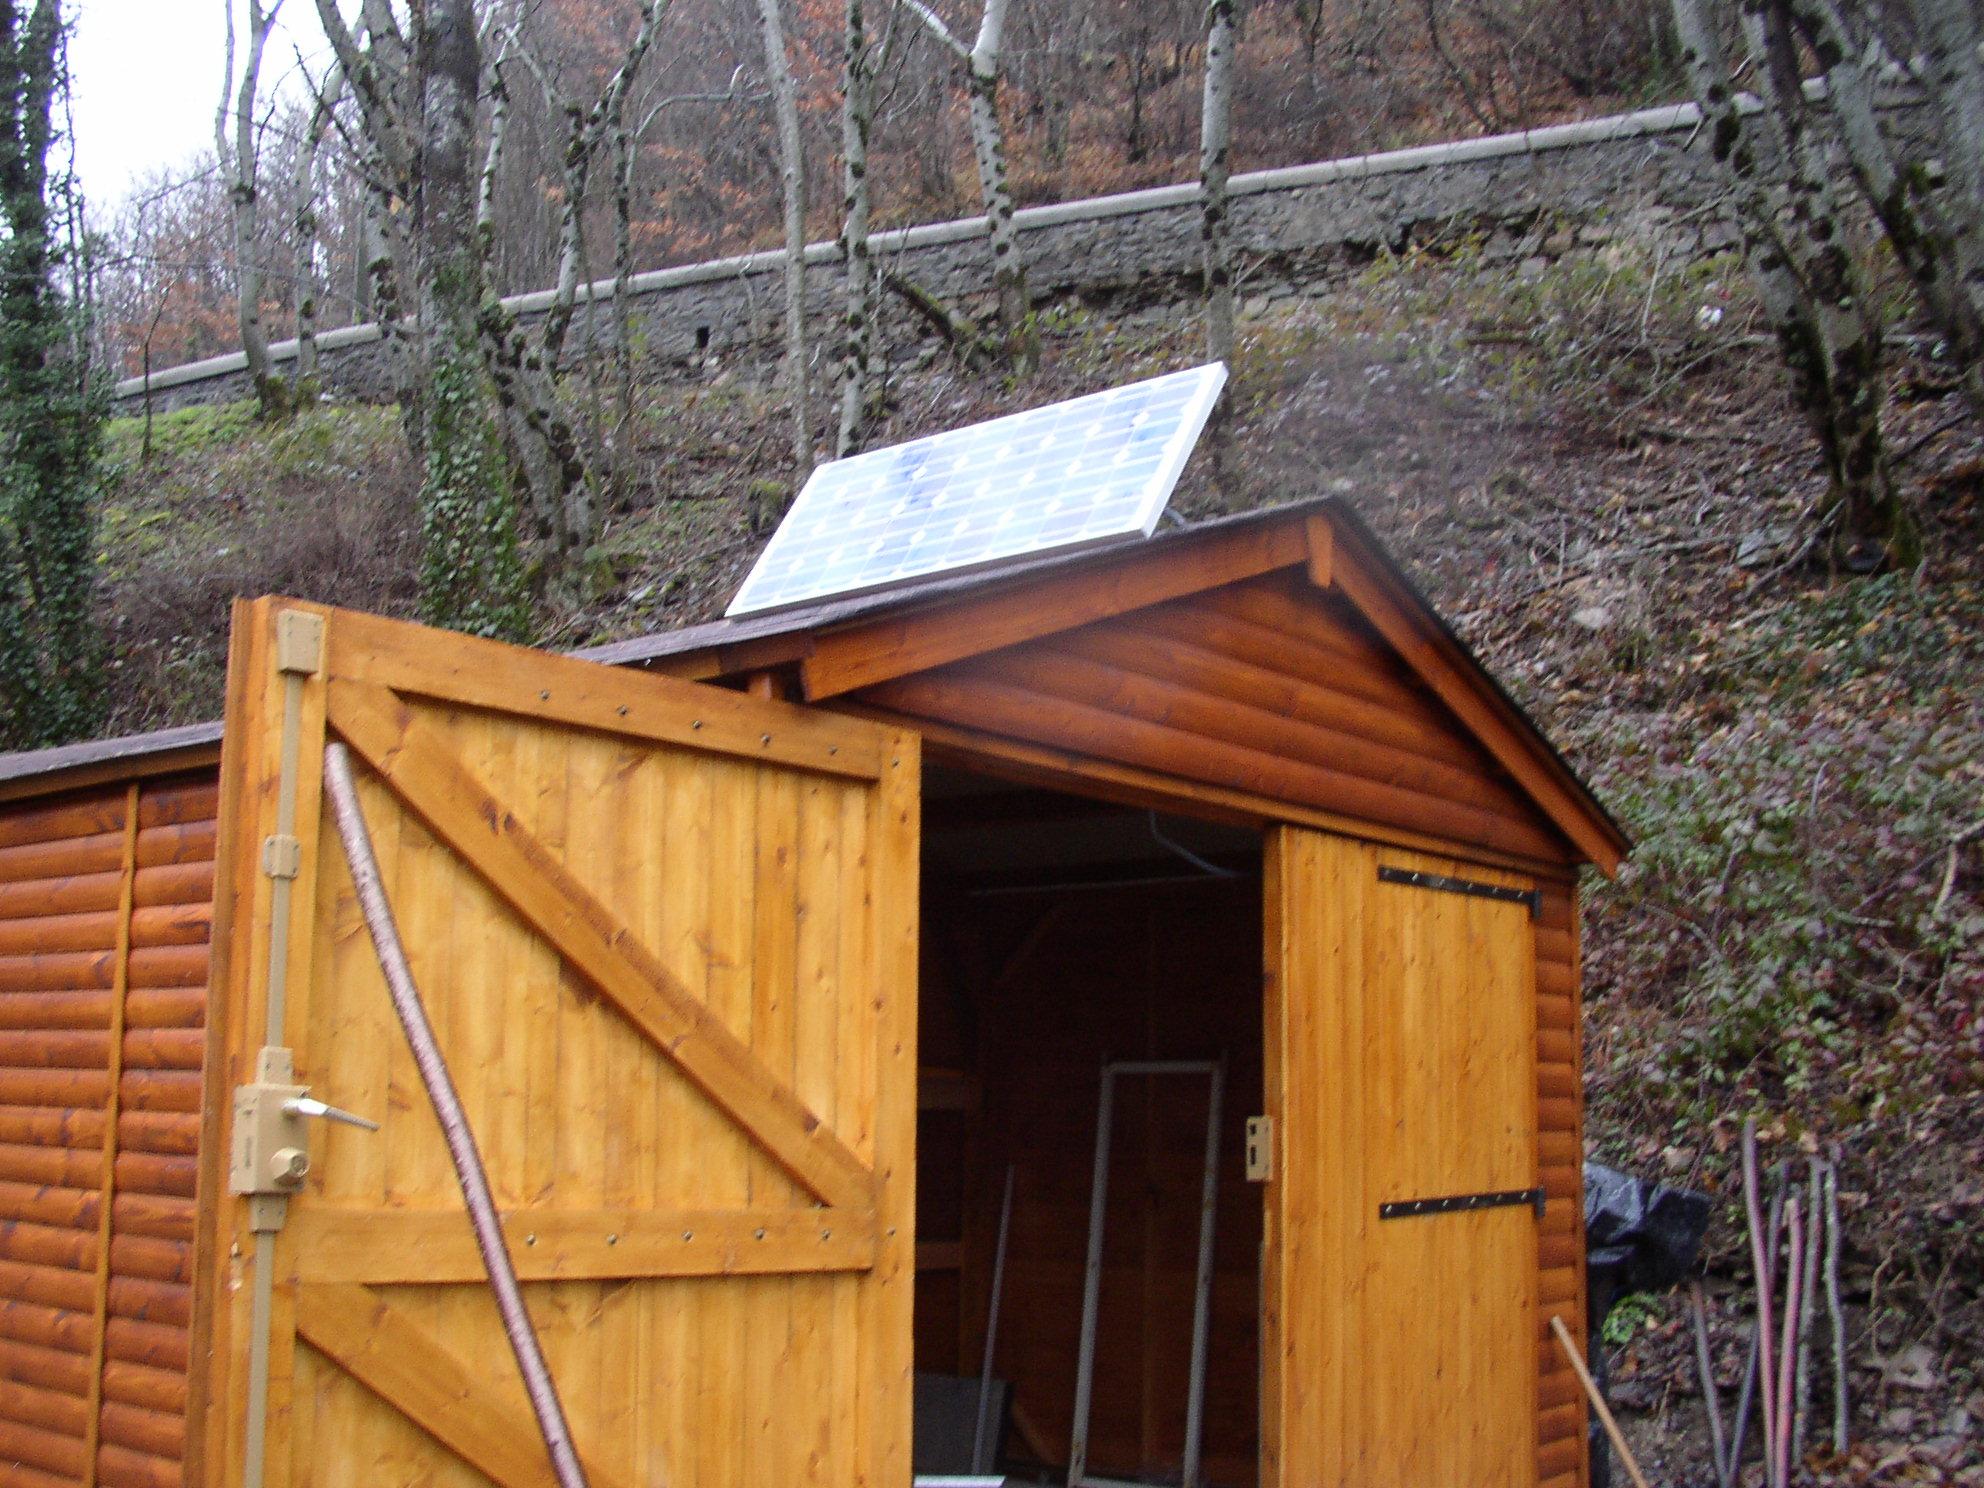 panneau solaire sur hangar entre. Black Bedroom Furniture Sets. Home Design Ideas